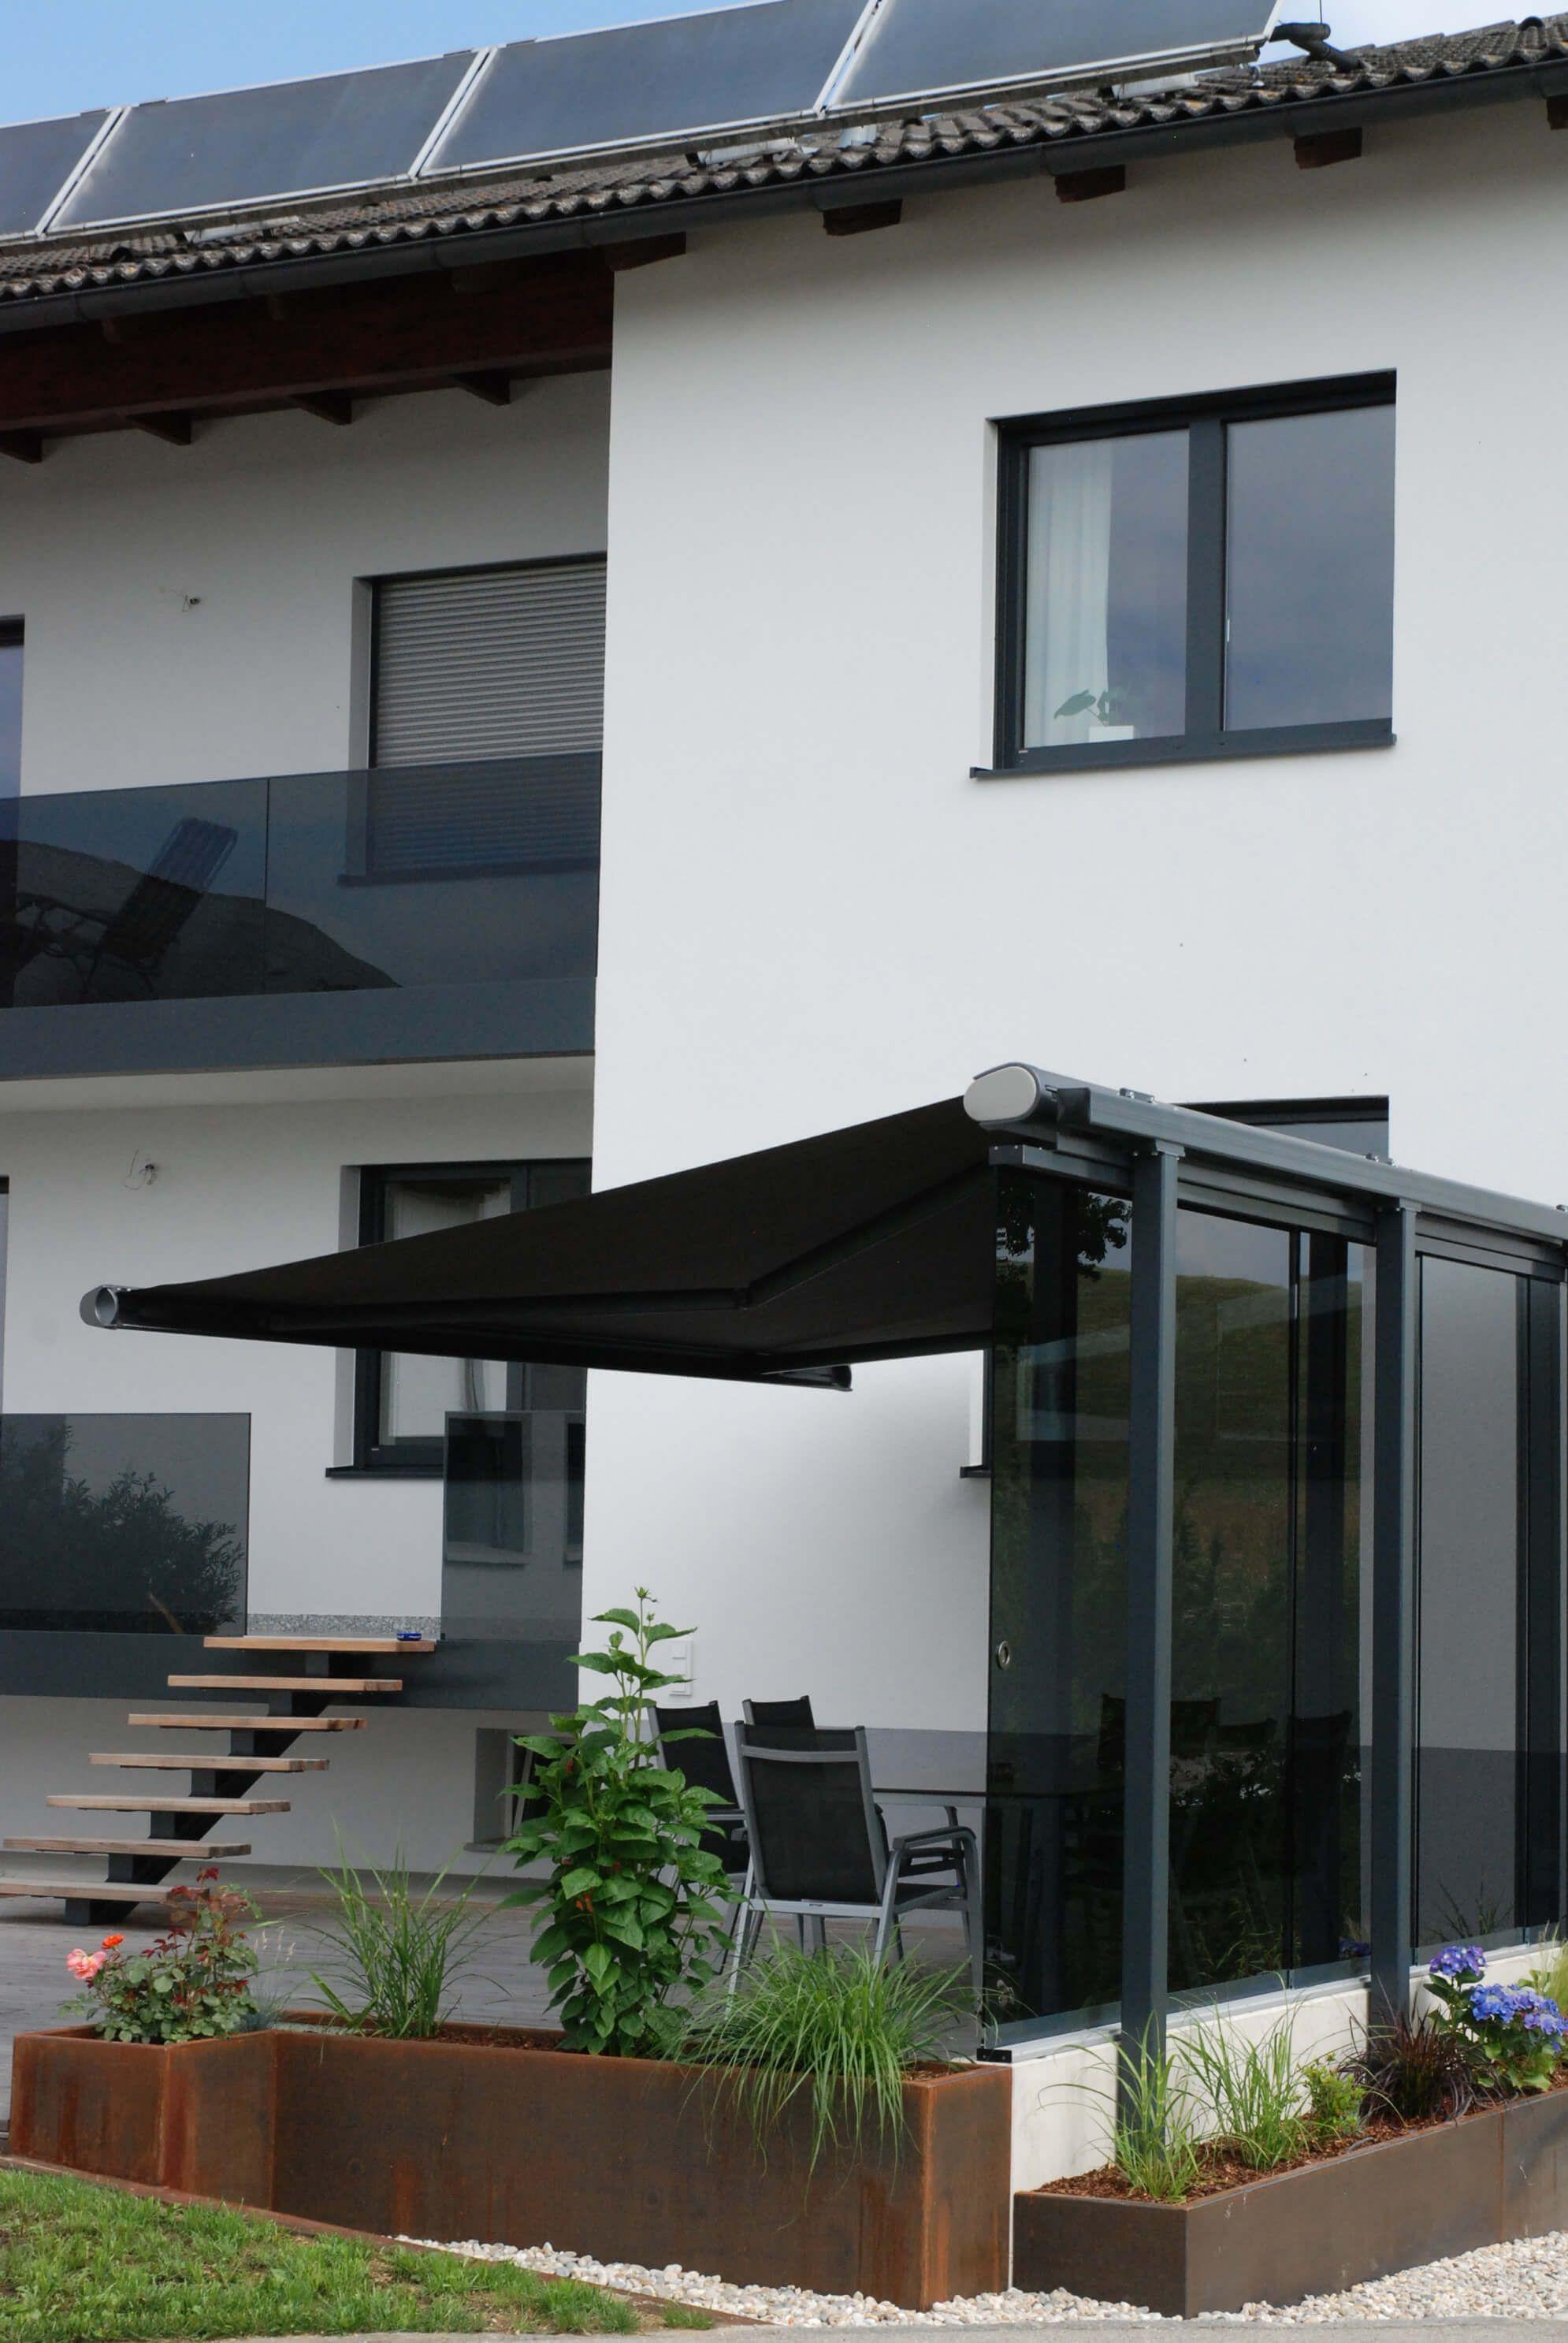 Glastüren mit grauem Glas zum Schieben